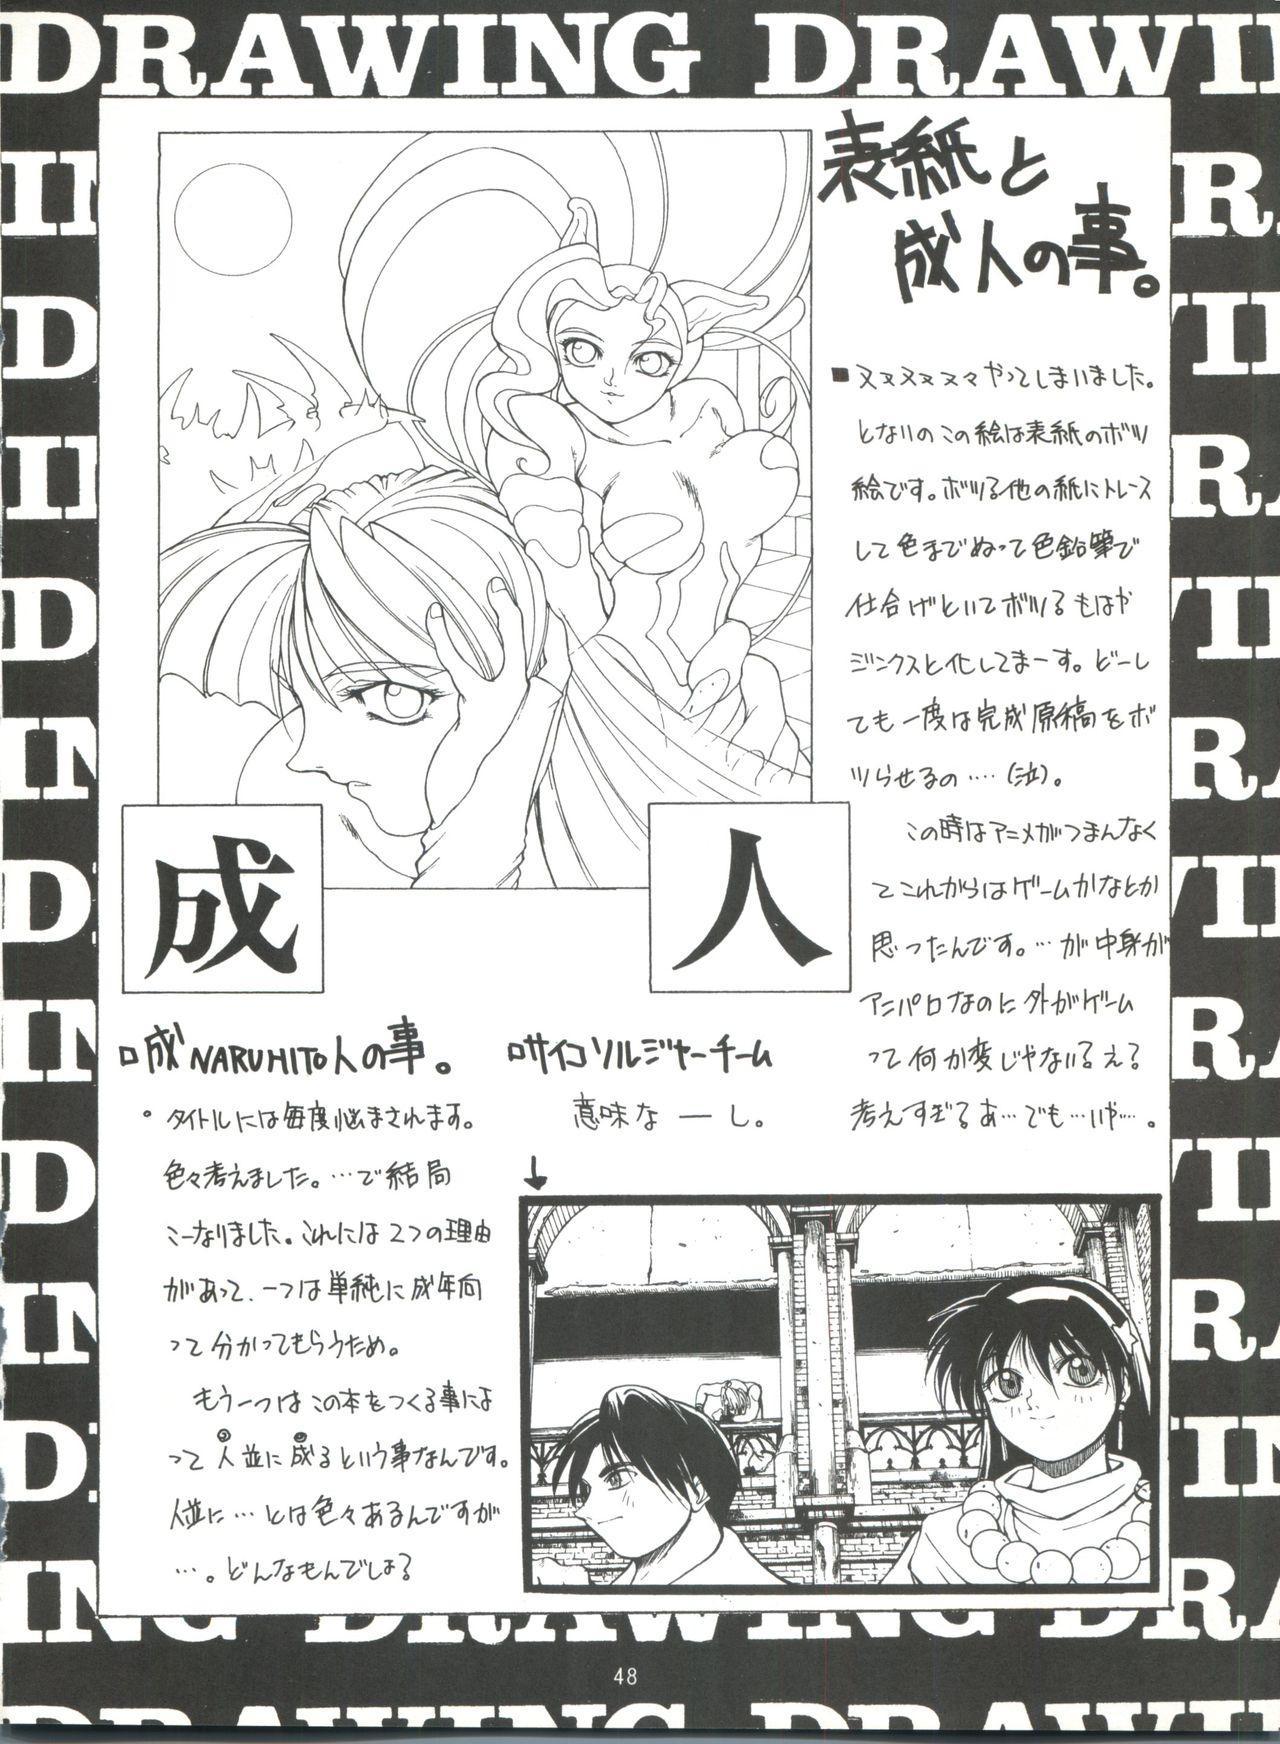 Seijin Naruhito 46